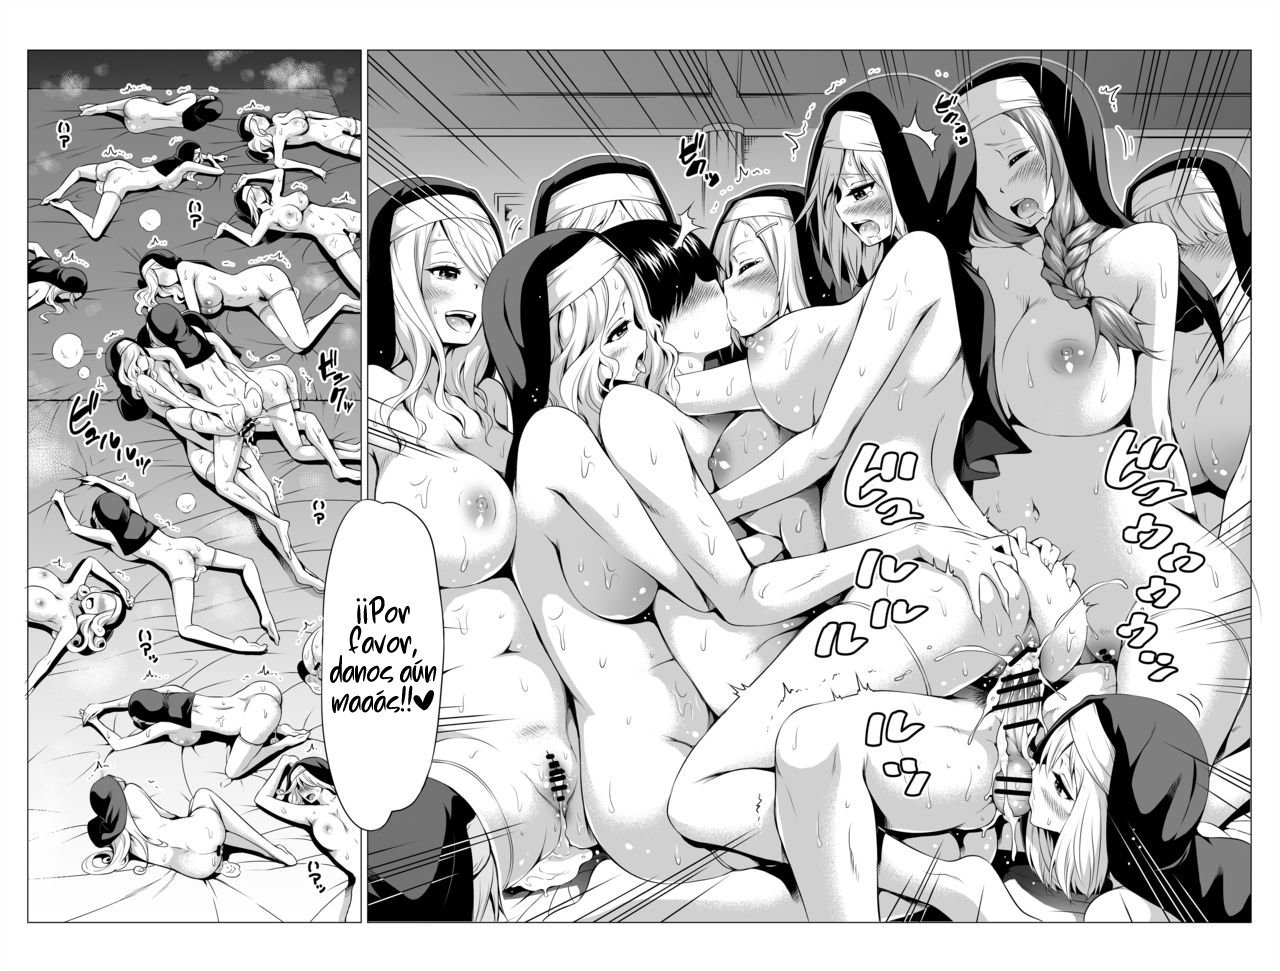 Hentai nun